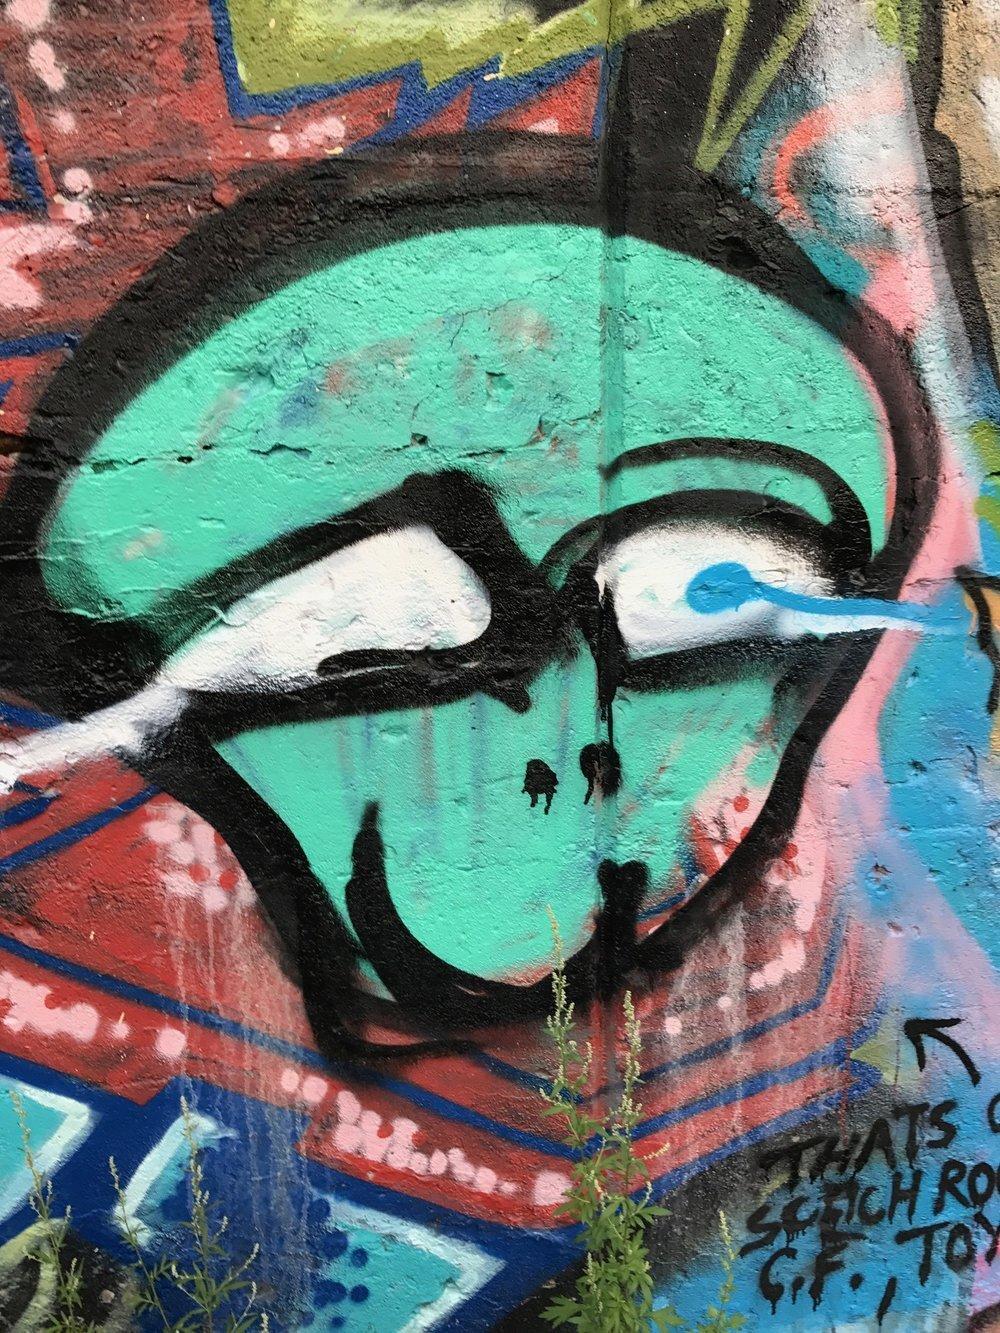 Detorit+Graffi+3+IMG_6785.jpg